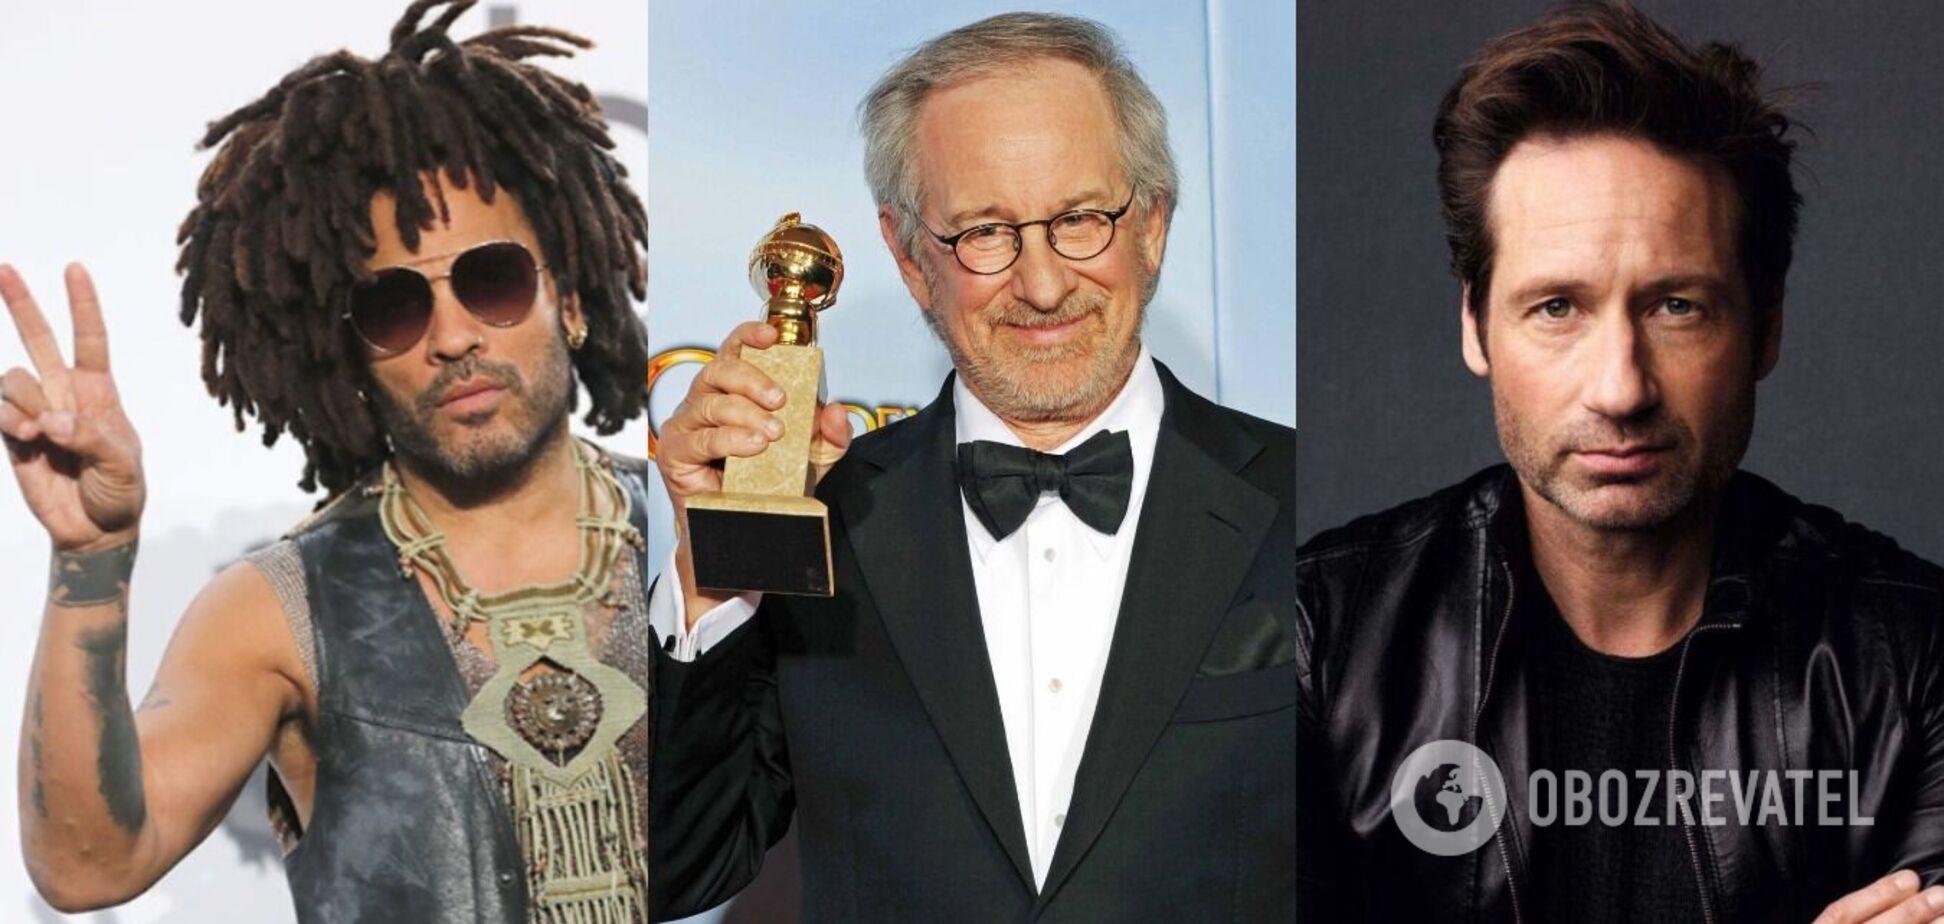 Самые известные мужчины Голливуда с украинскими корнями. Фото